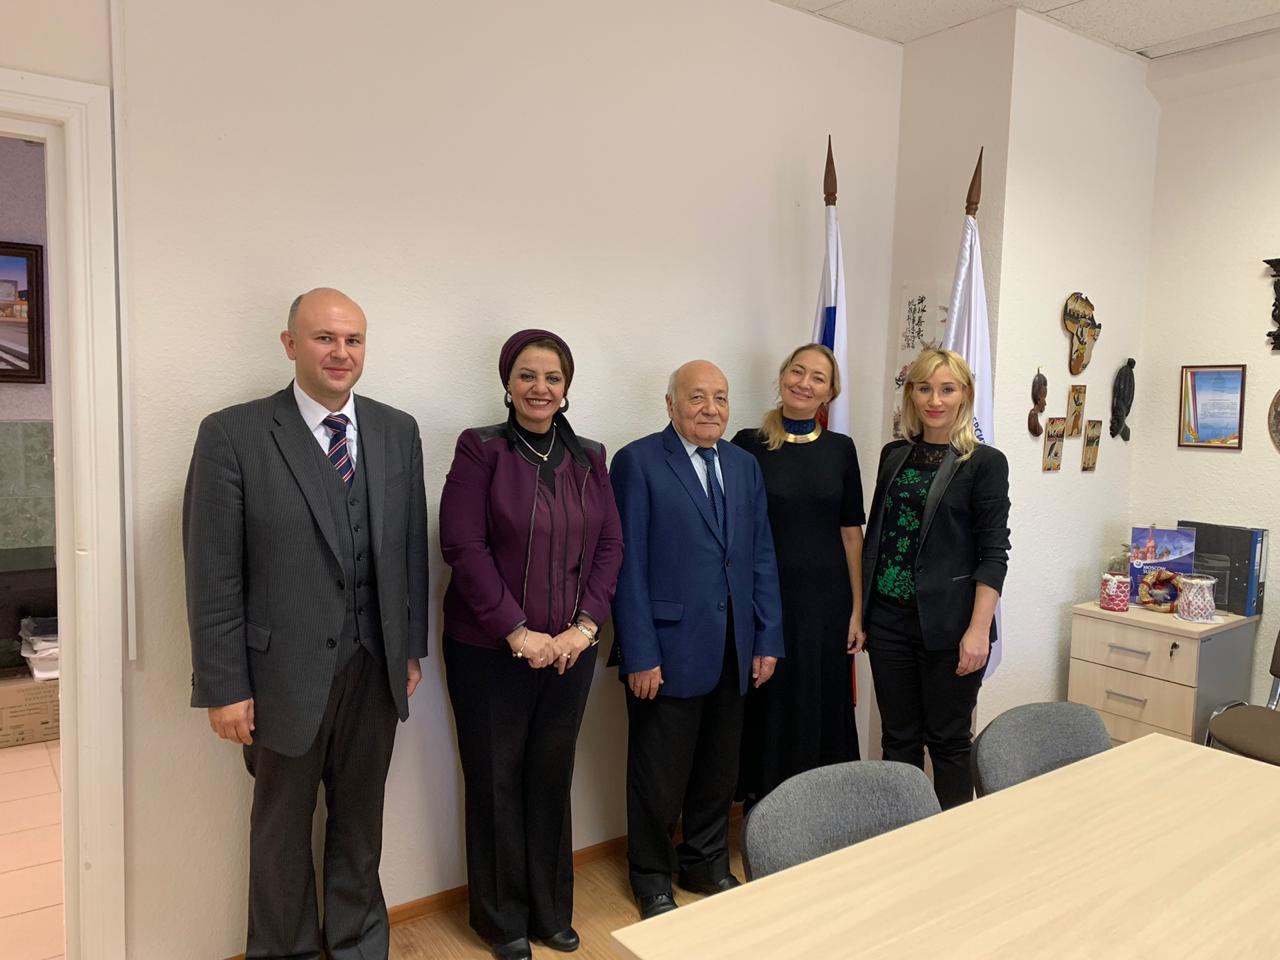 جامعة أسيوط تبحث توثيق أطر التعاون مع جامعة روسيا لصداقة الشعوب